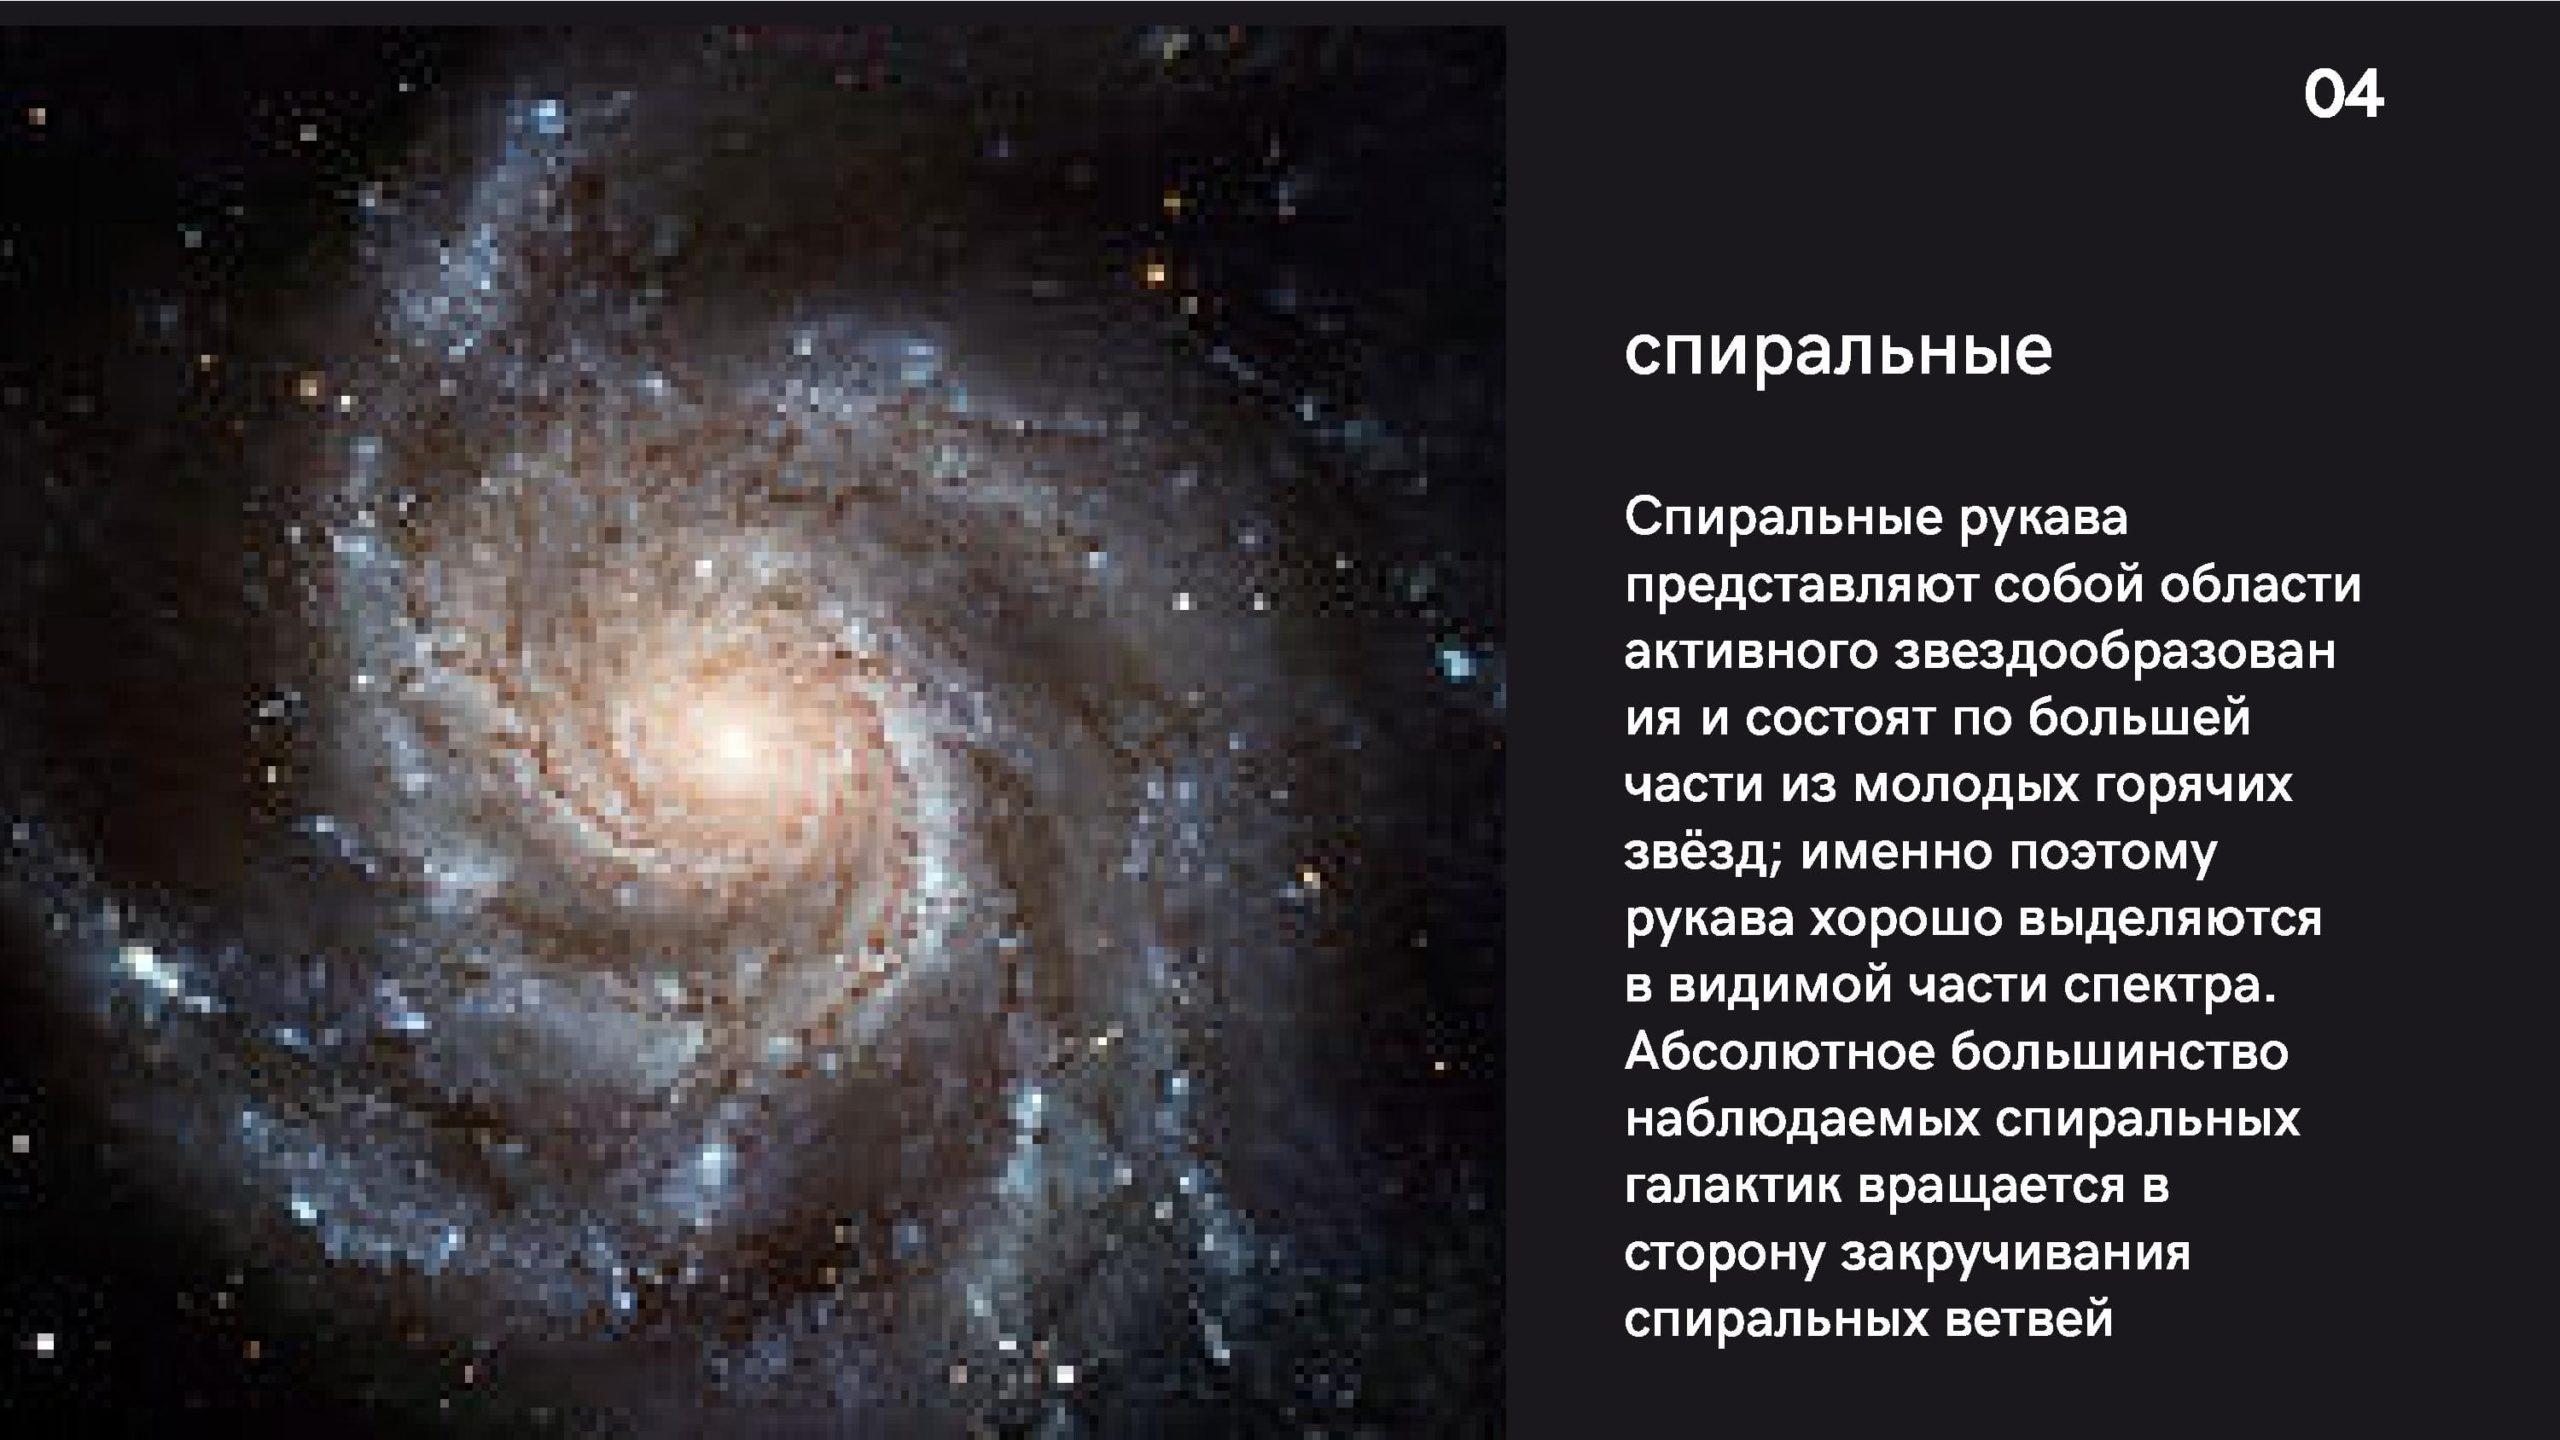 Спиральные галактики. Спиральные рукава представляют собой